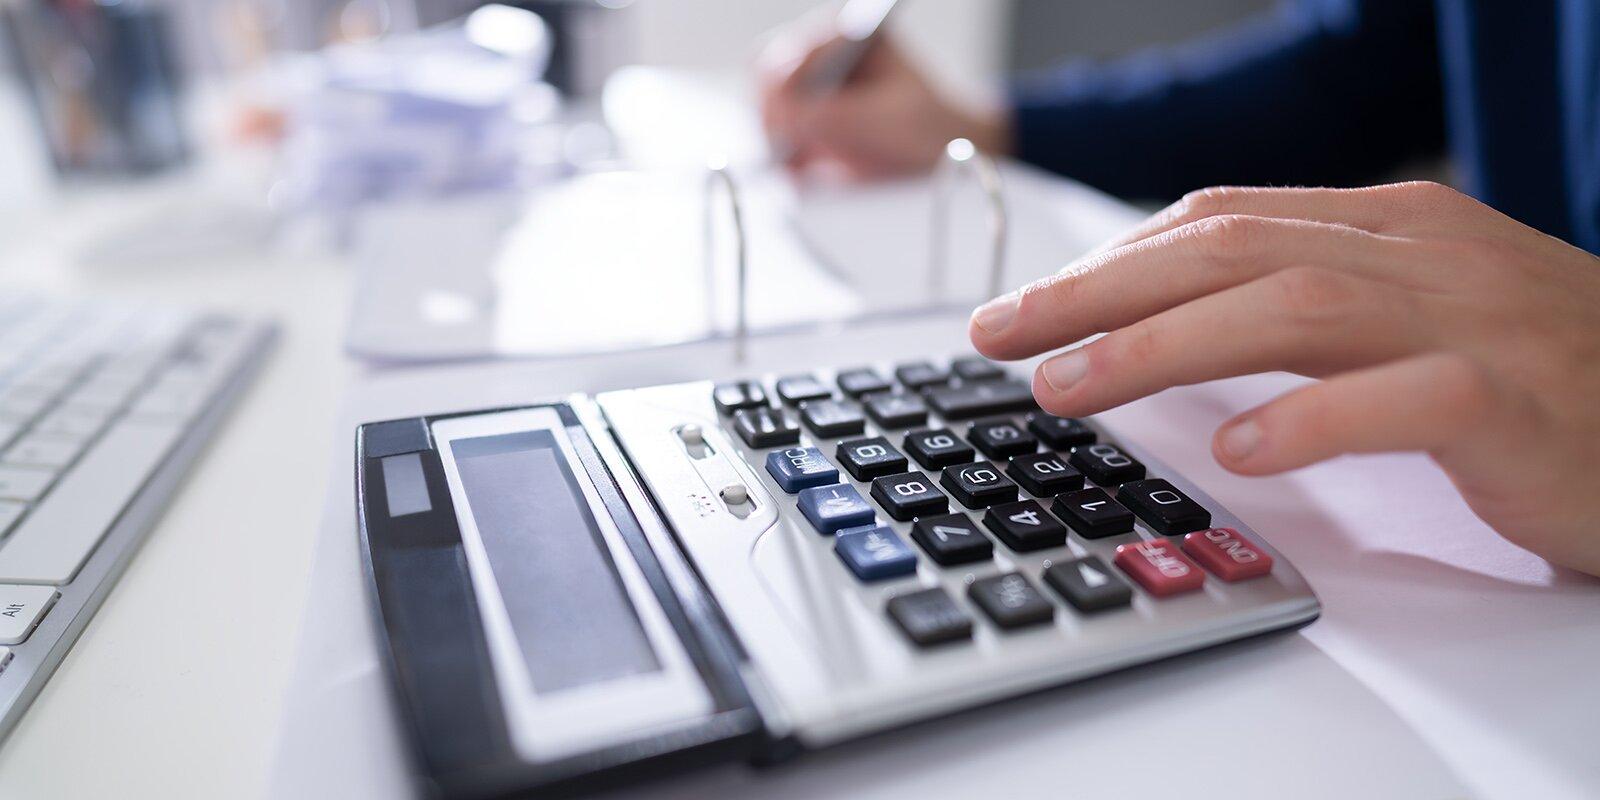 Самозанятость и дополнительный доход: в центре «Моя карьера» открываются новые онлайн-курсы